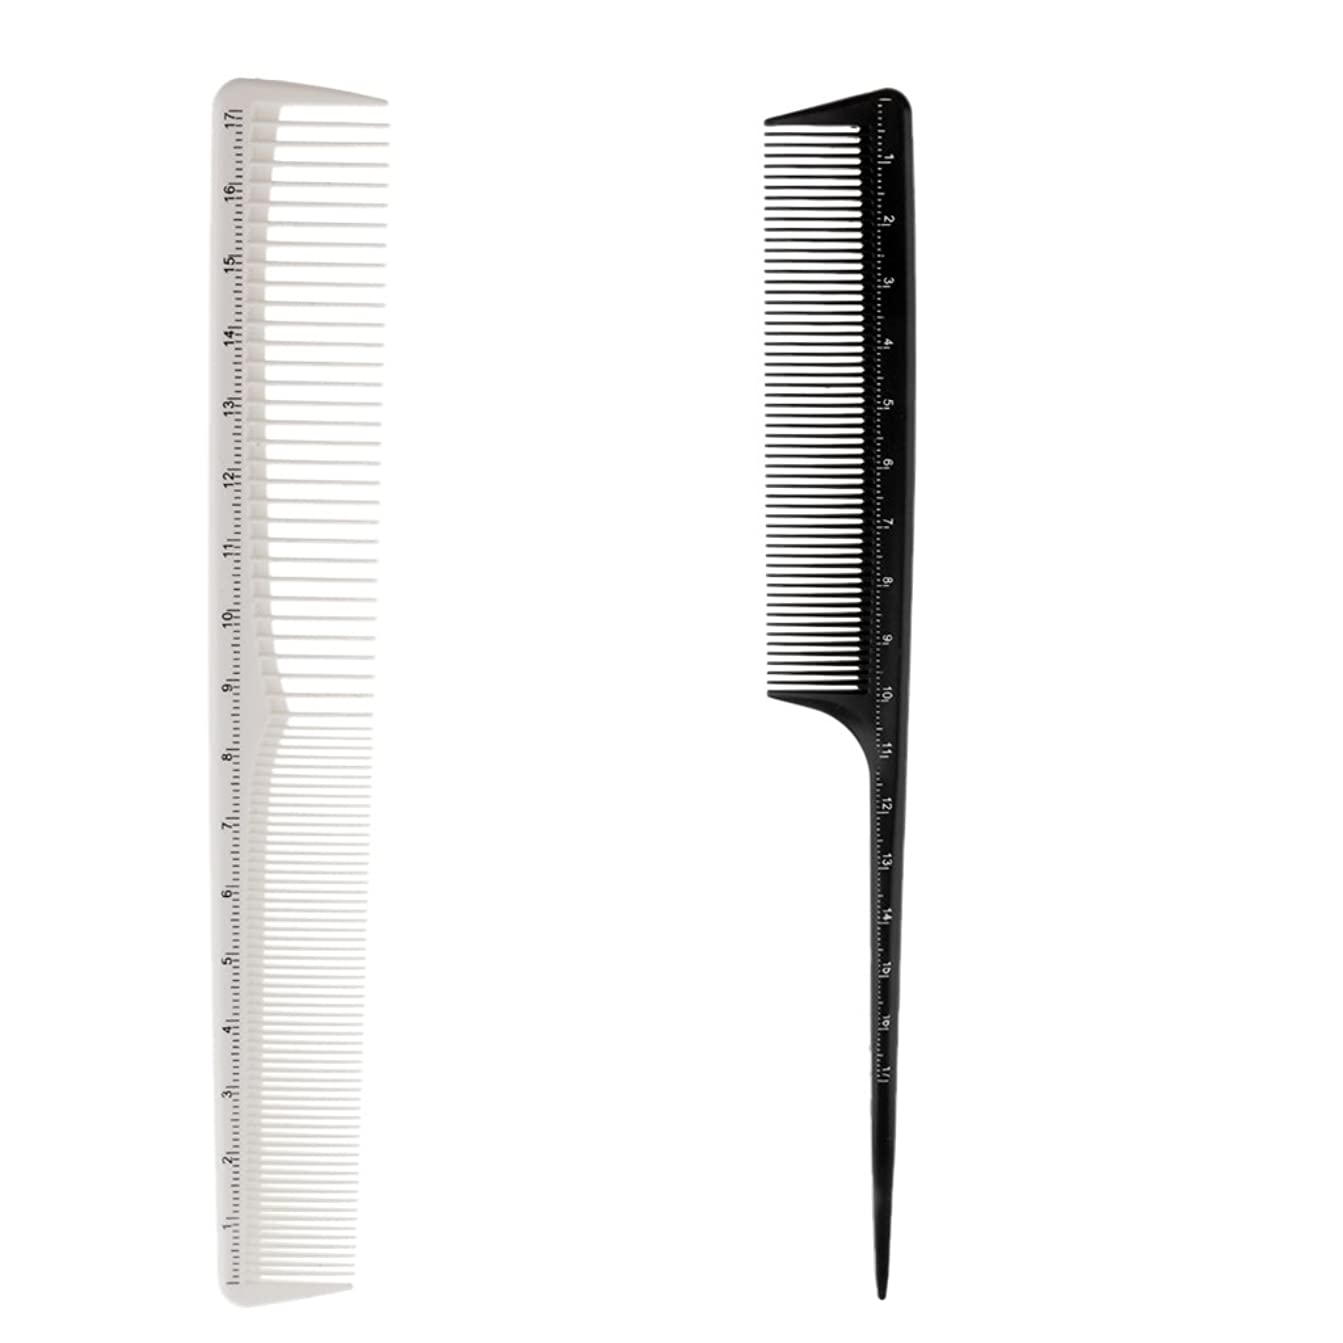 先祖グローバル傾向がありますKesoto 2個 ヘアカットコーム プロ ヘアブラシ ヘアコーム 櫛 コーム ヘアケア ヘアスタイリング 樹脂製 理髪師